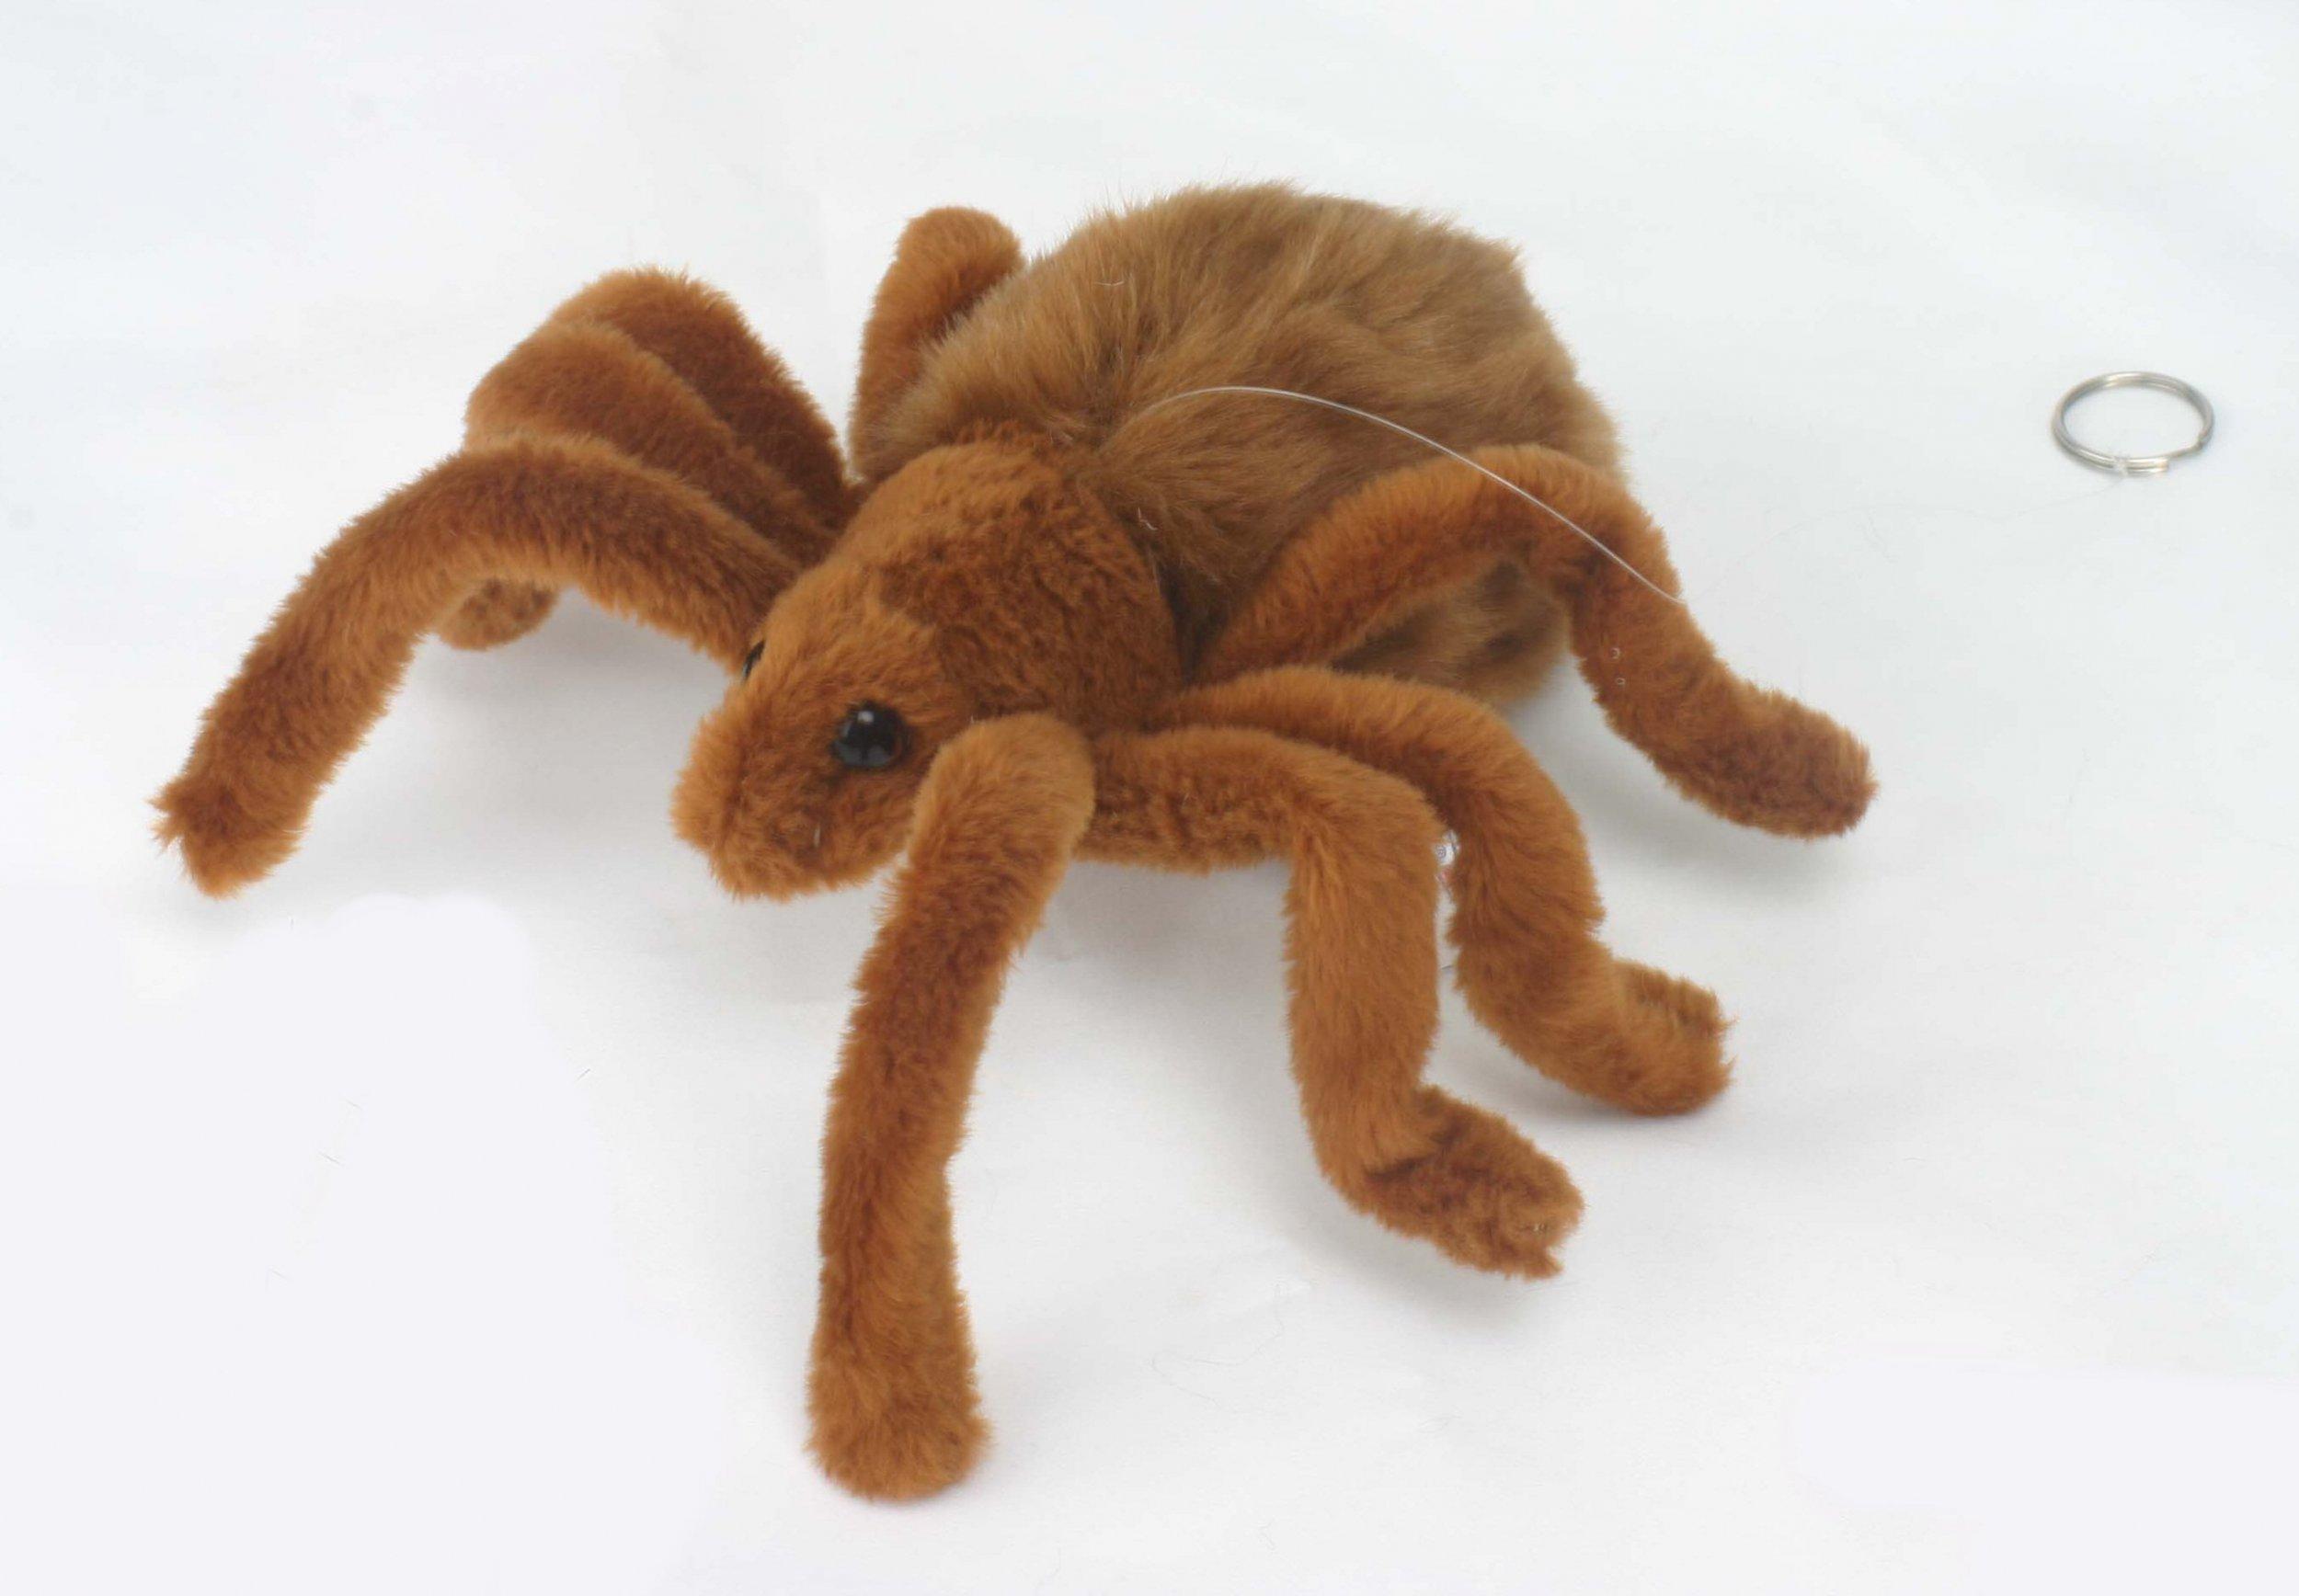 Tarantula Stuffed Animal, Soft Toy Arachnid Brown Tarantula Spider By Hansa 19cm 4726 Lincrafts